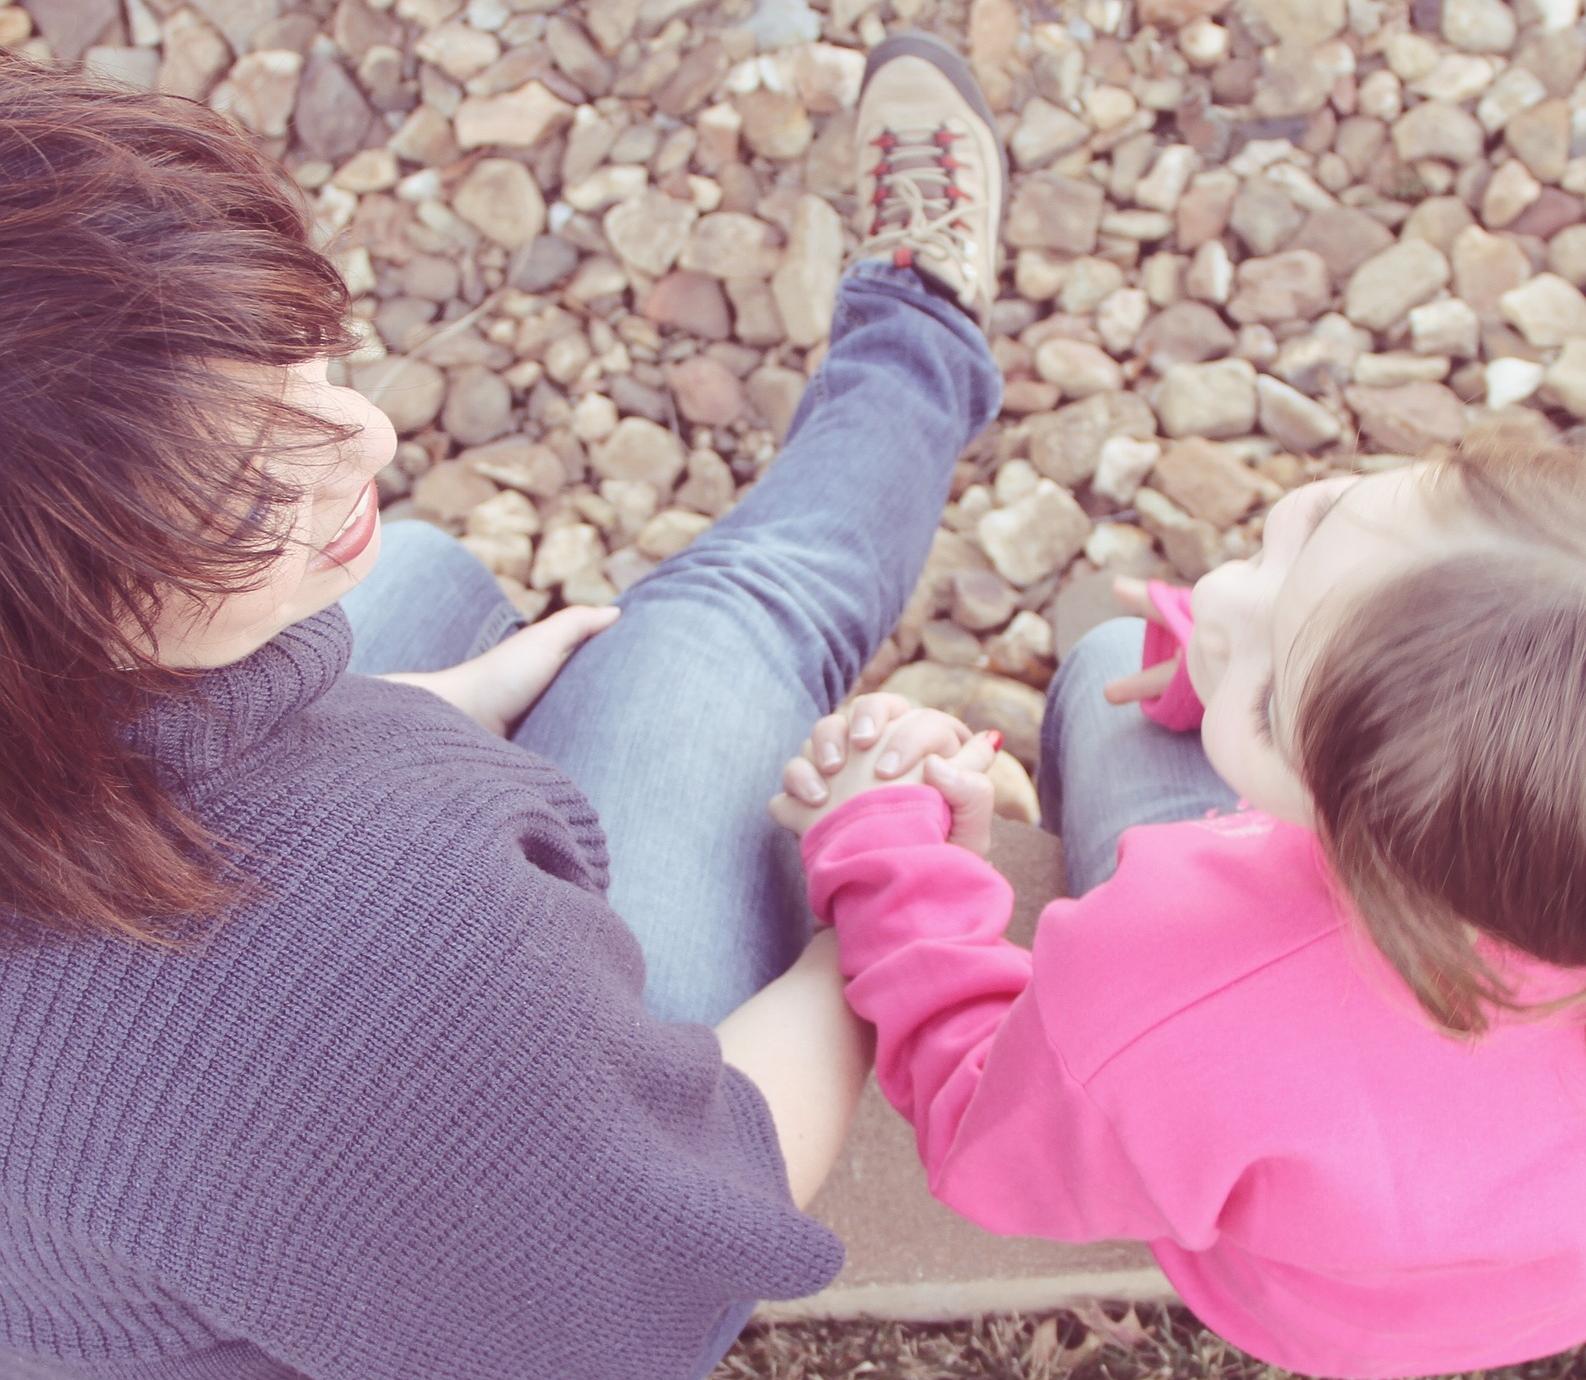 kislány beszélget az anyukájával a kavicsos parton